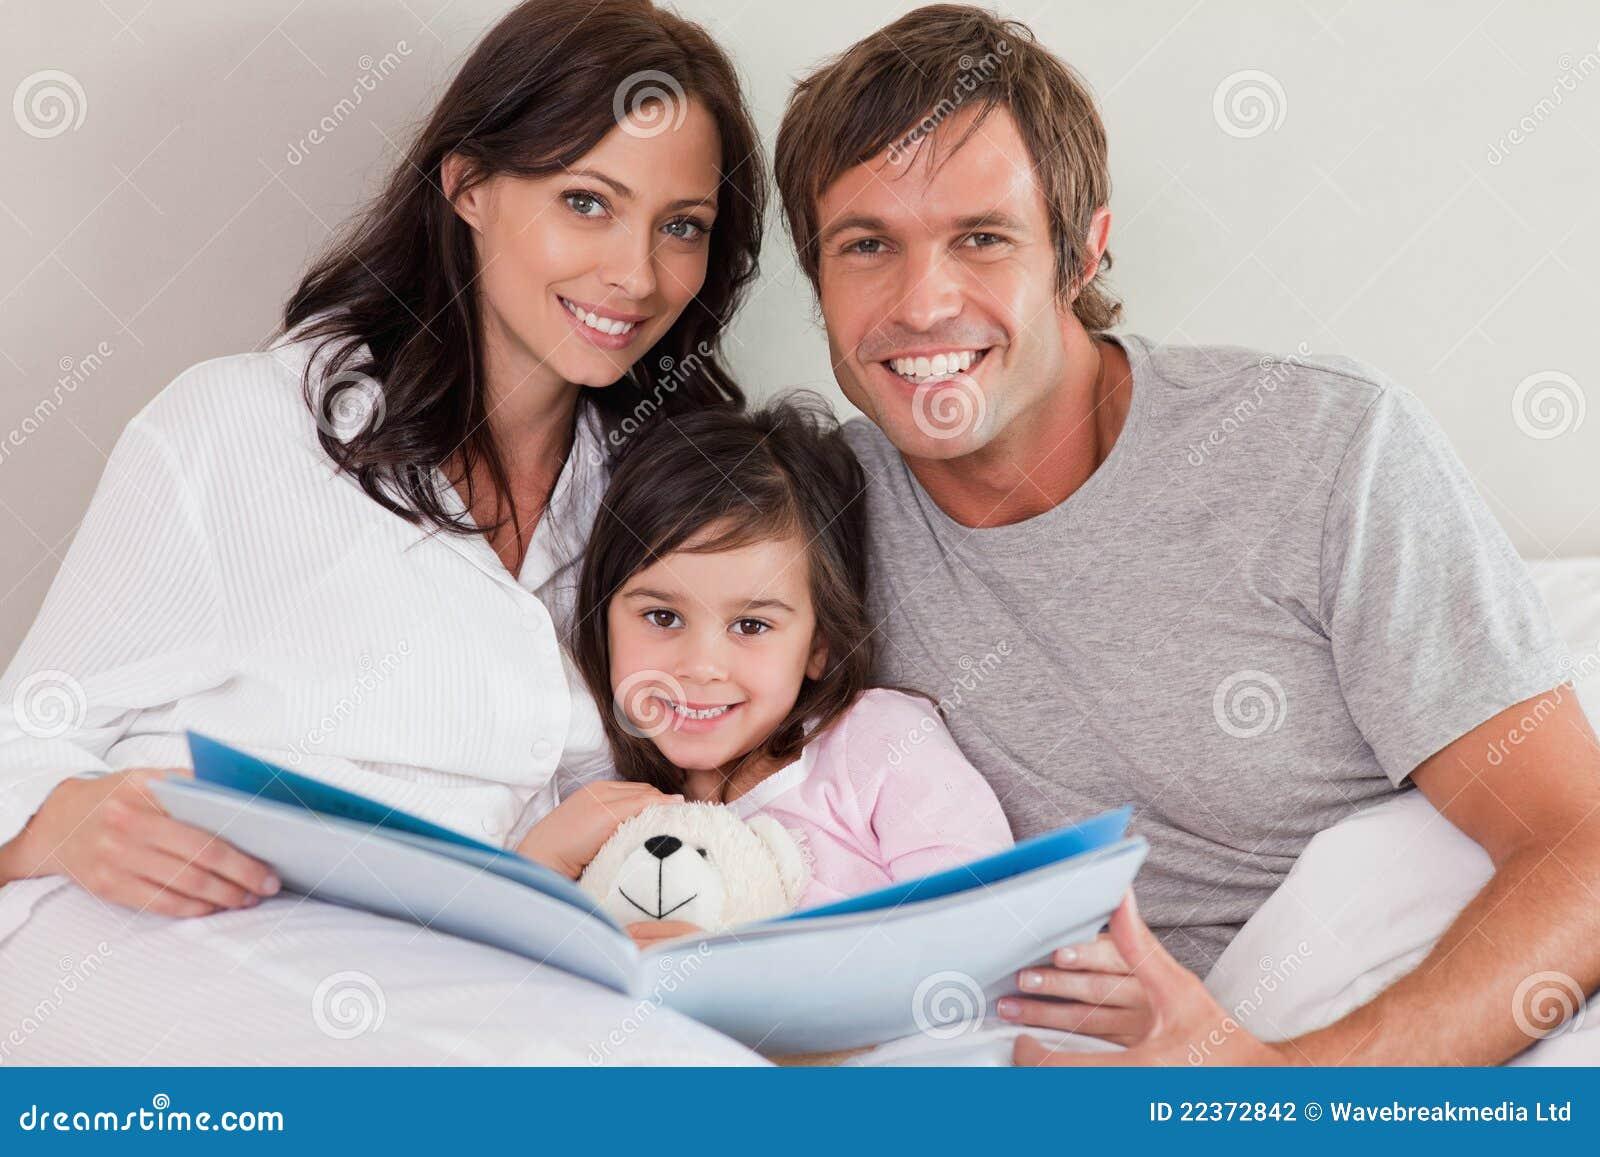 微笑做父母读故事给他们的女儿